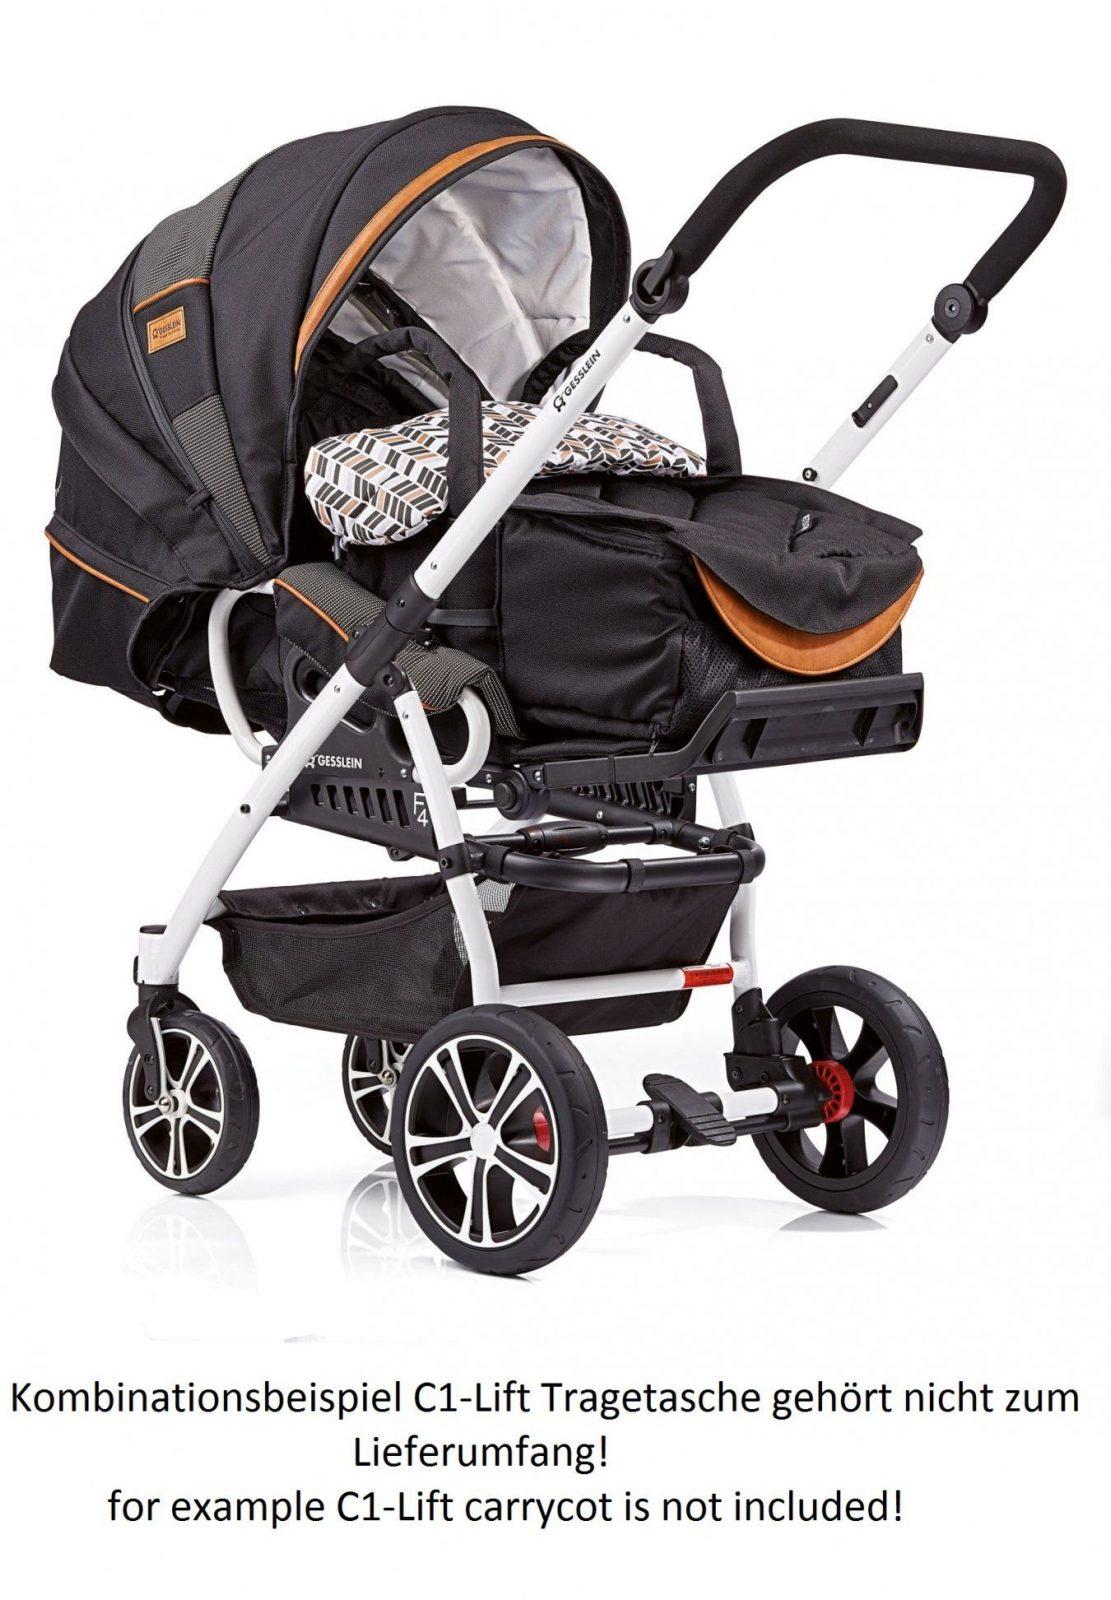 kinderwagen auf raten kaufen anex sport kinderwagen in. Black Bedroom Furniture Sets. Home Design Ideas